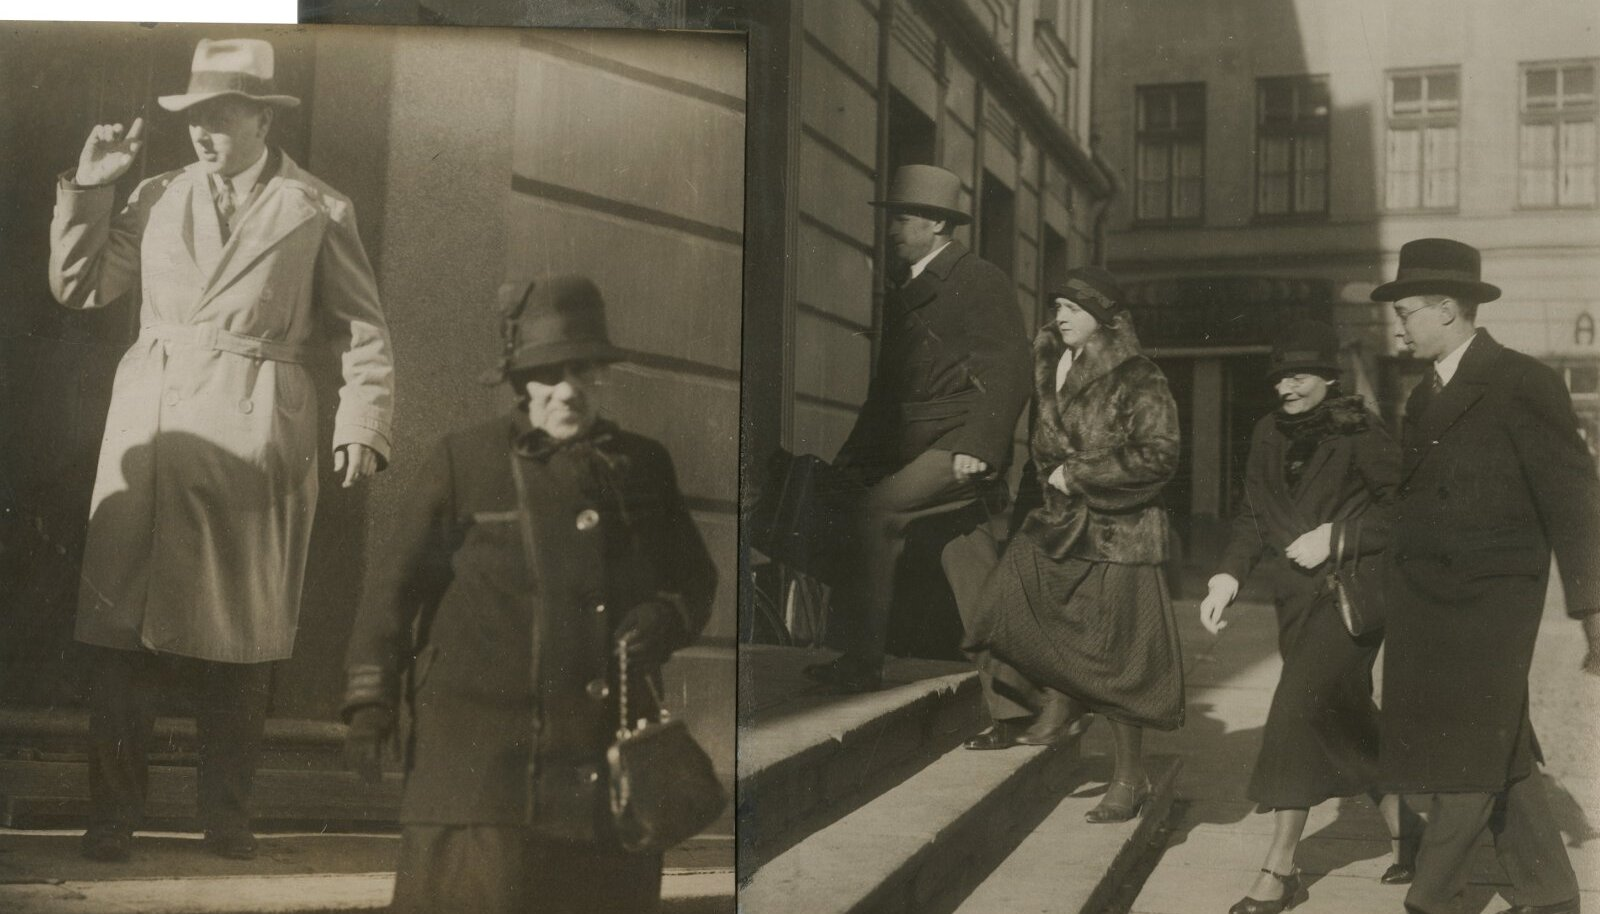 KÕIK HÄÄLETAMA! Rahvahääletus Tallinnas 14. oktoobril 1933.